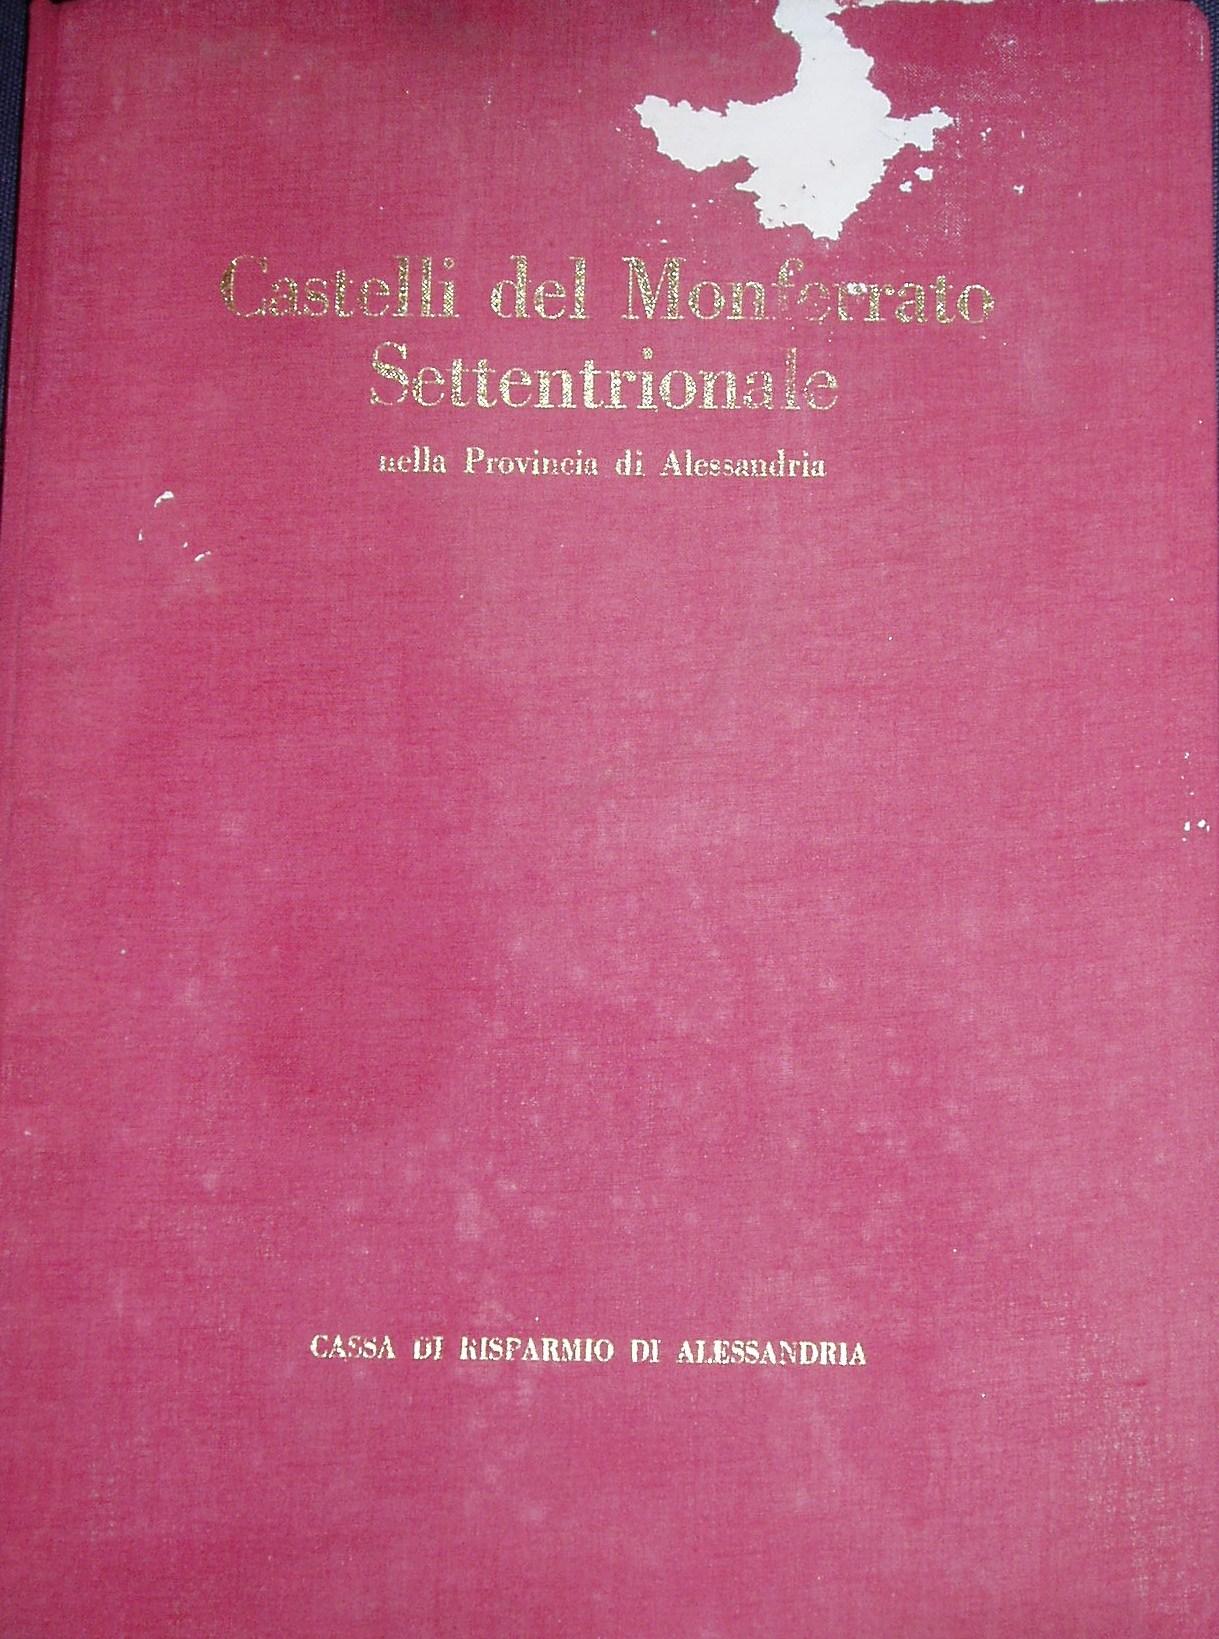 Castelli del Monferrato Settentrionale